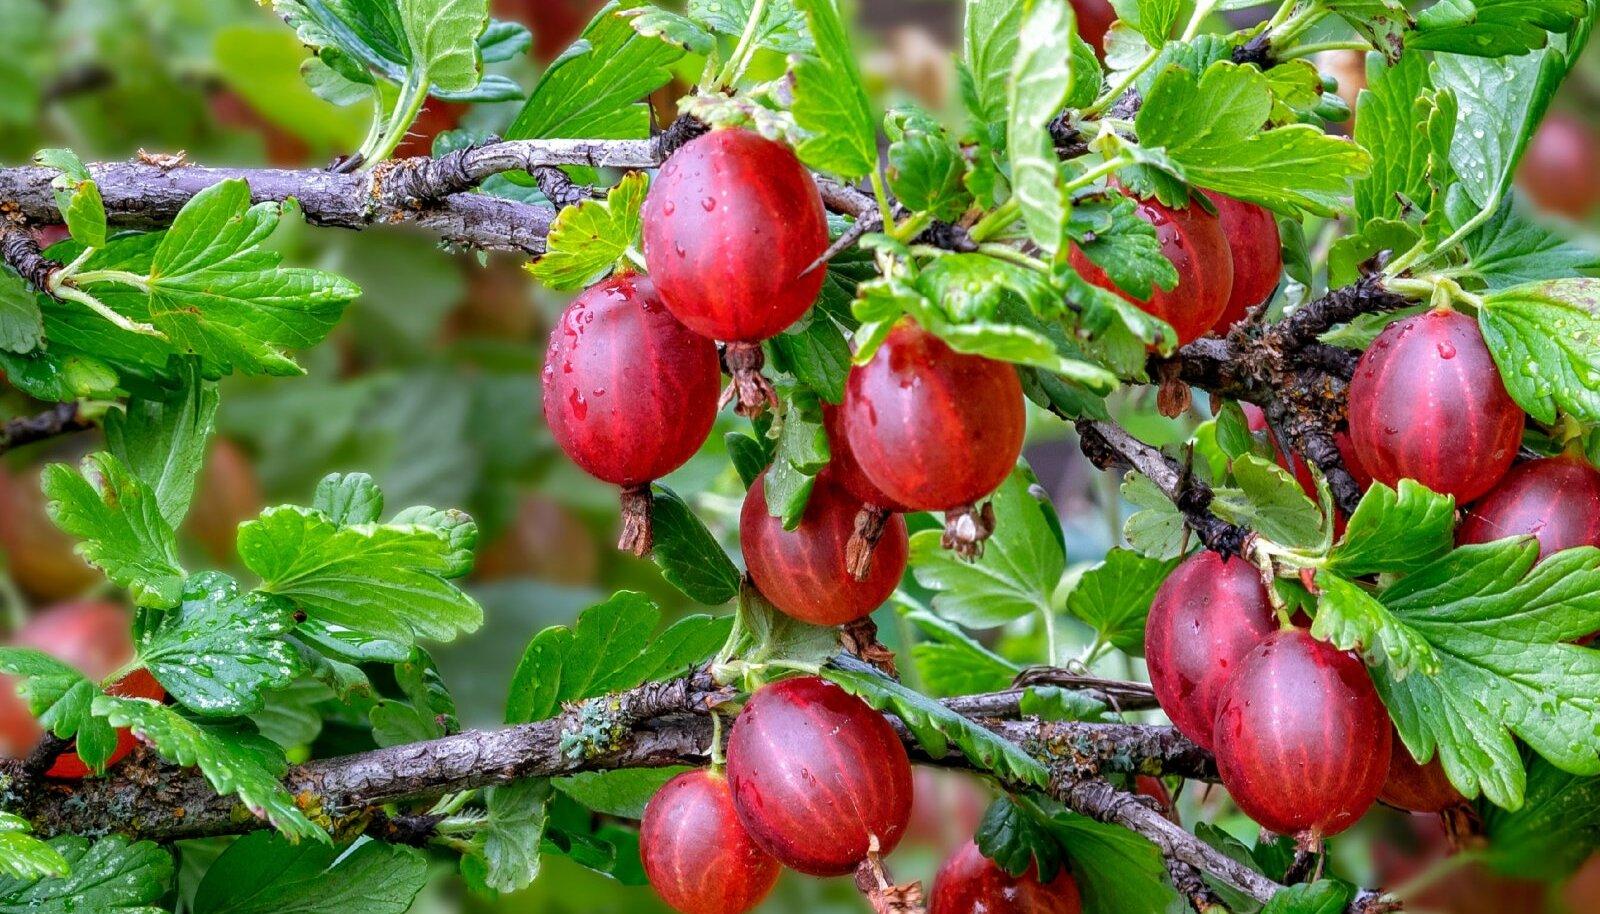 Punased viljad põõsal on ilusad ja ka väga ahvatlevad.